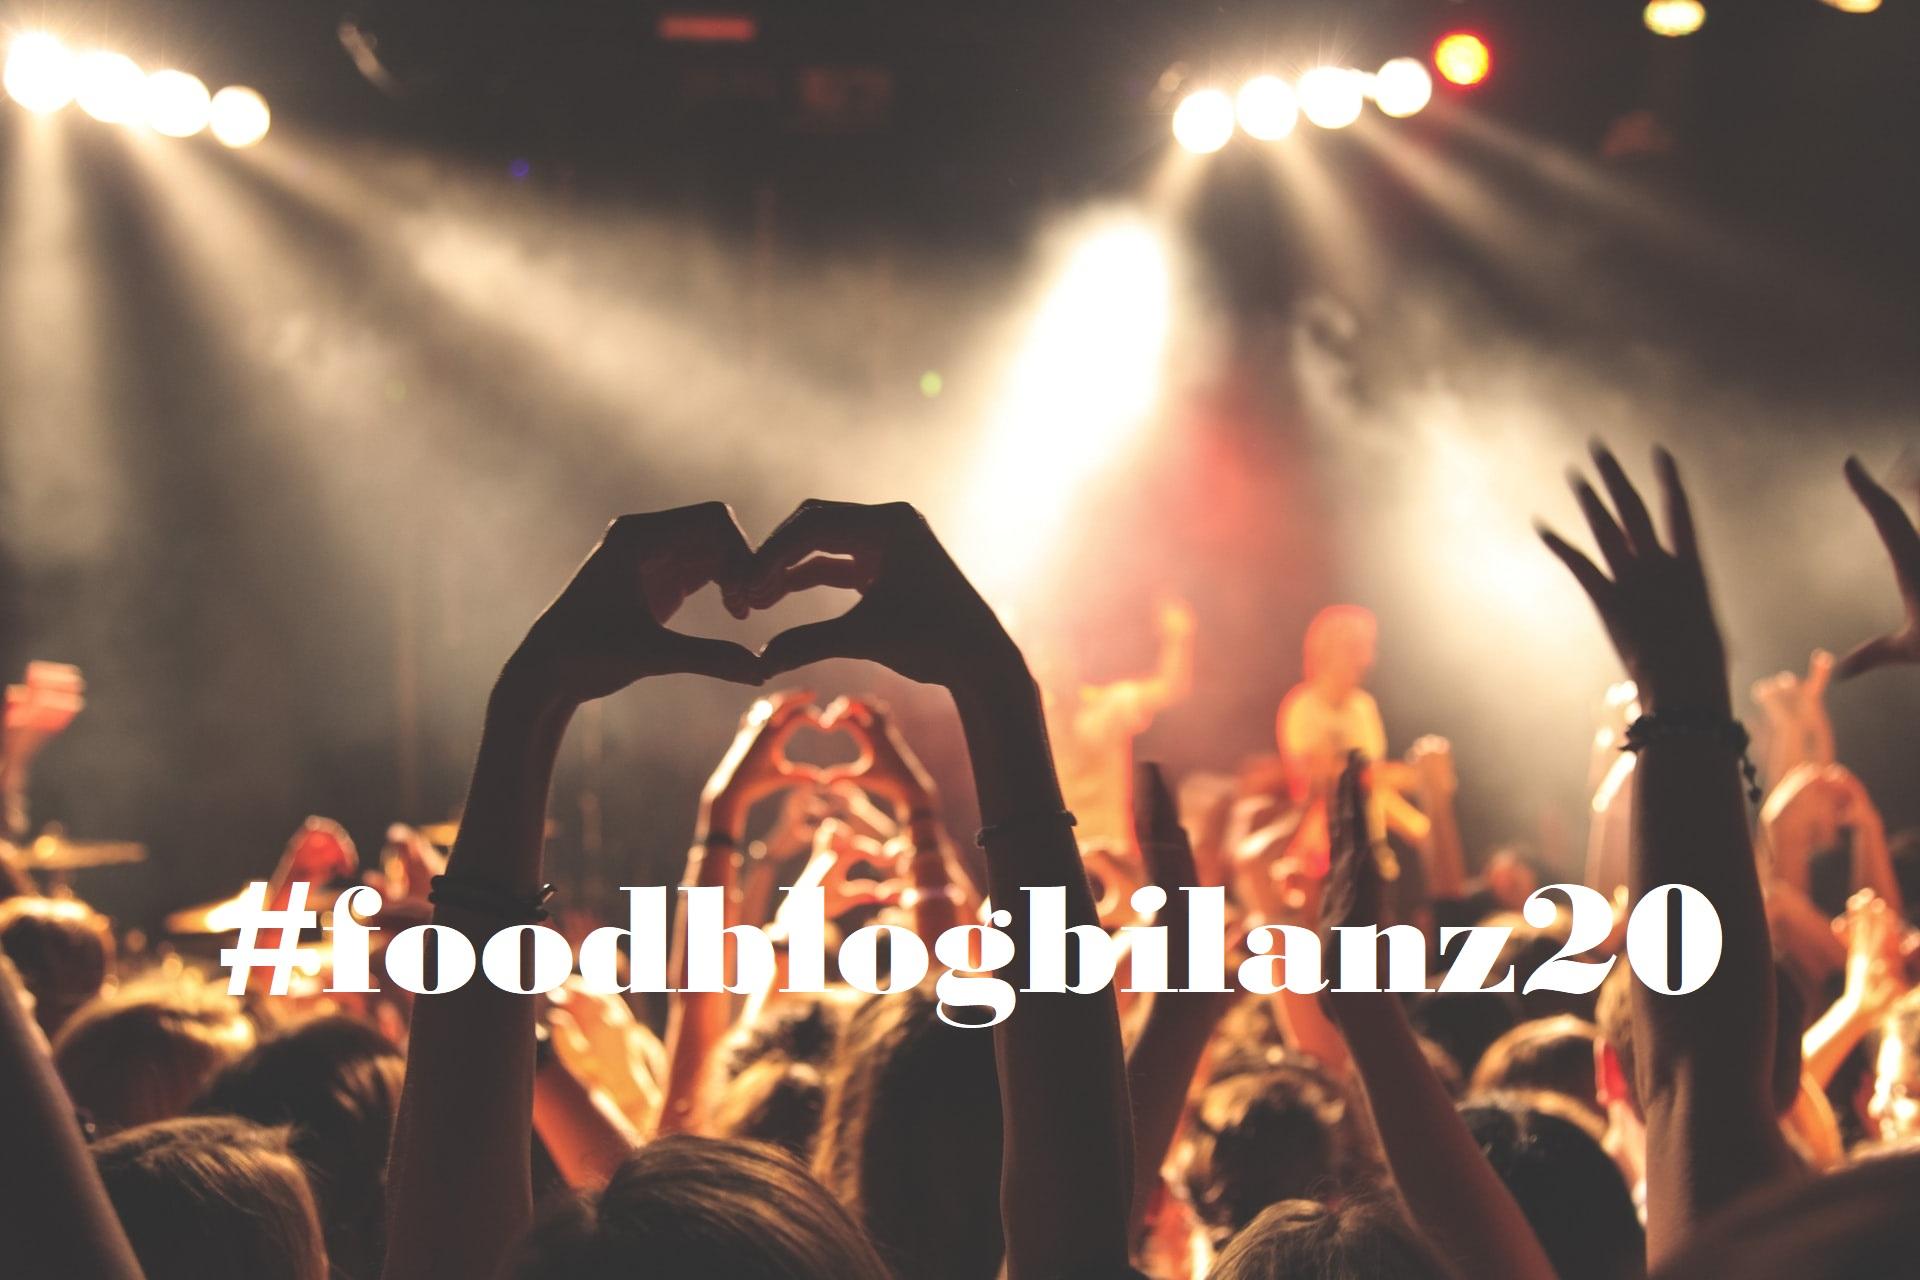 Meine persönliche Foodblogbilanz2020 – das war unser kulinarisches Jahr 2020!